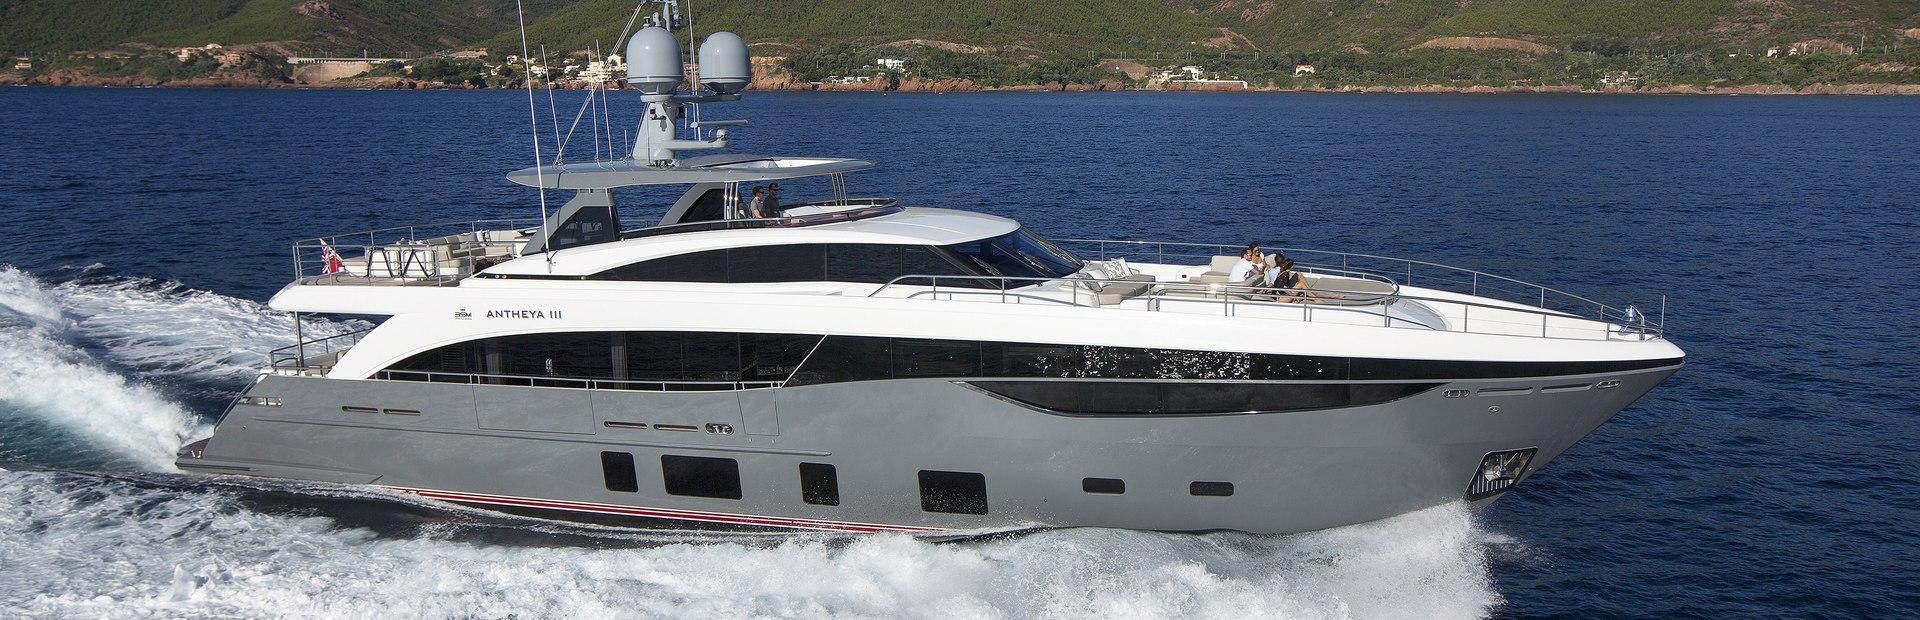 Princess 35M Yacht Charter